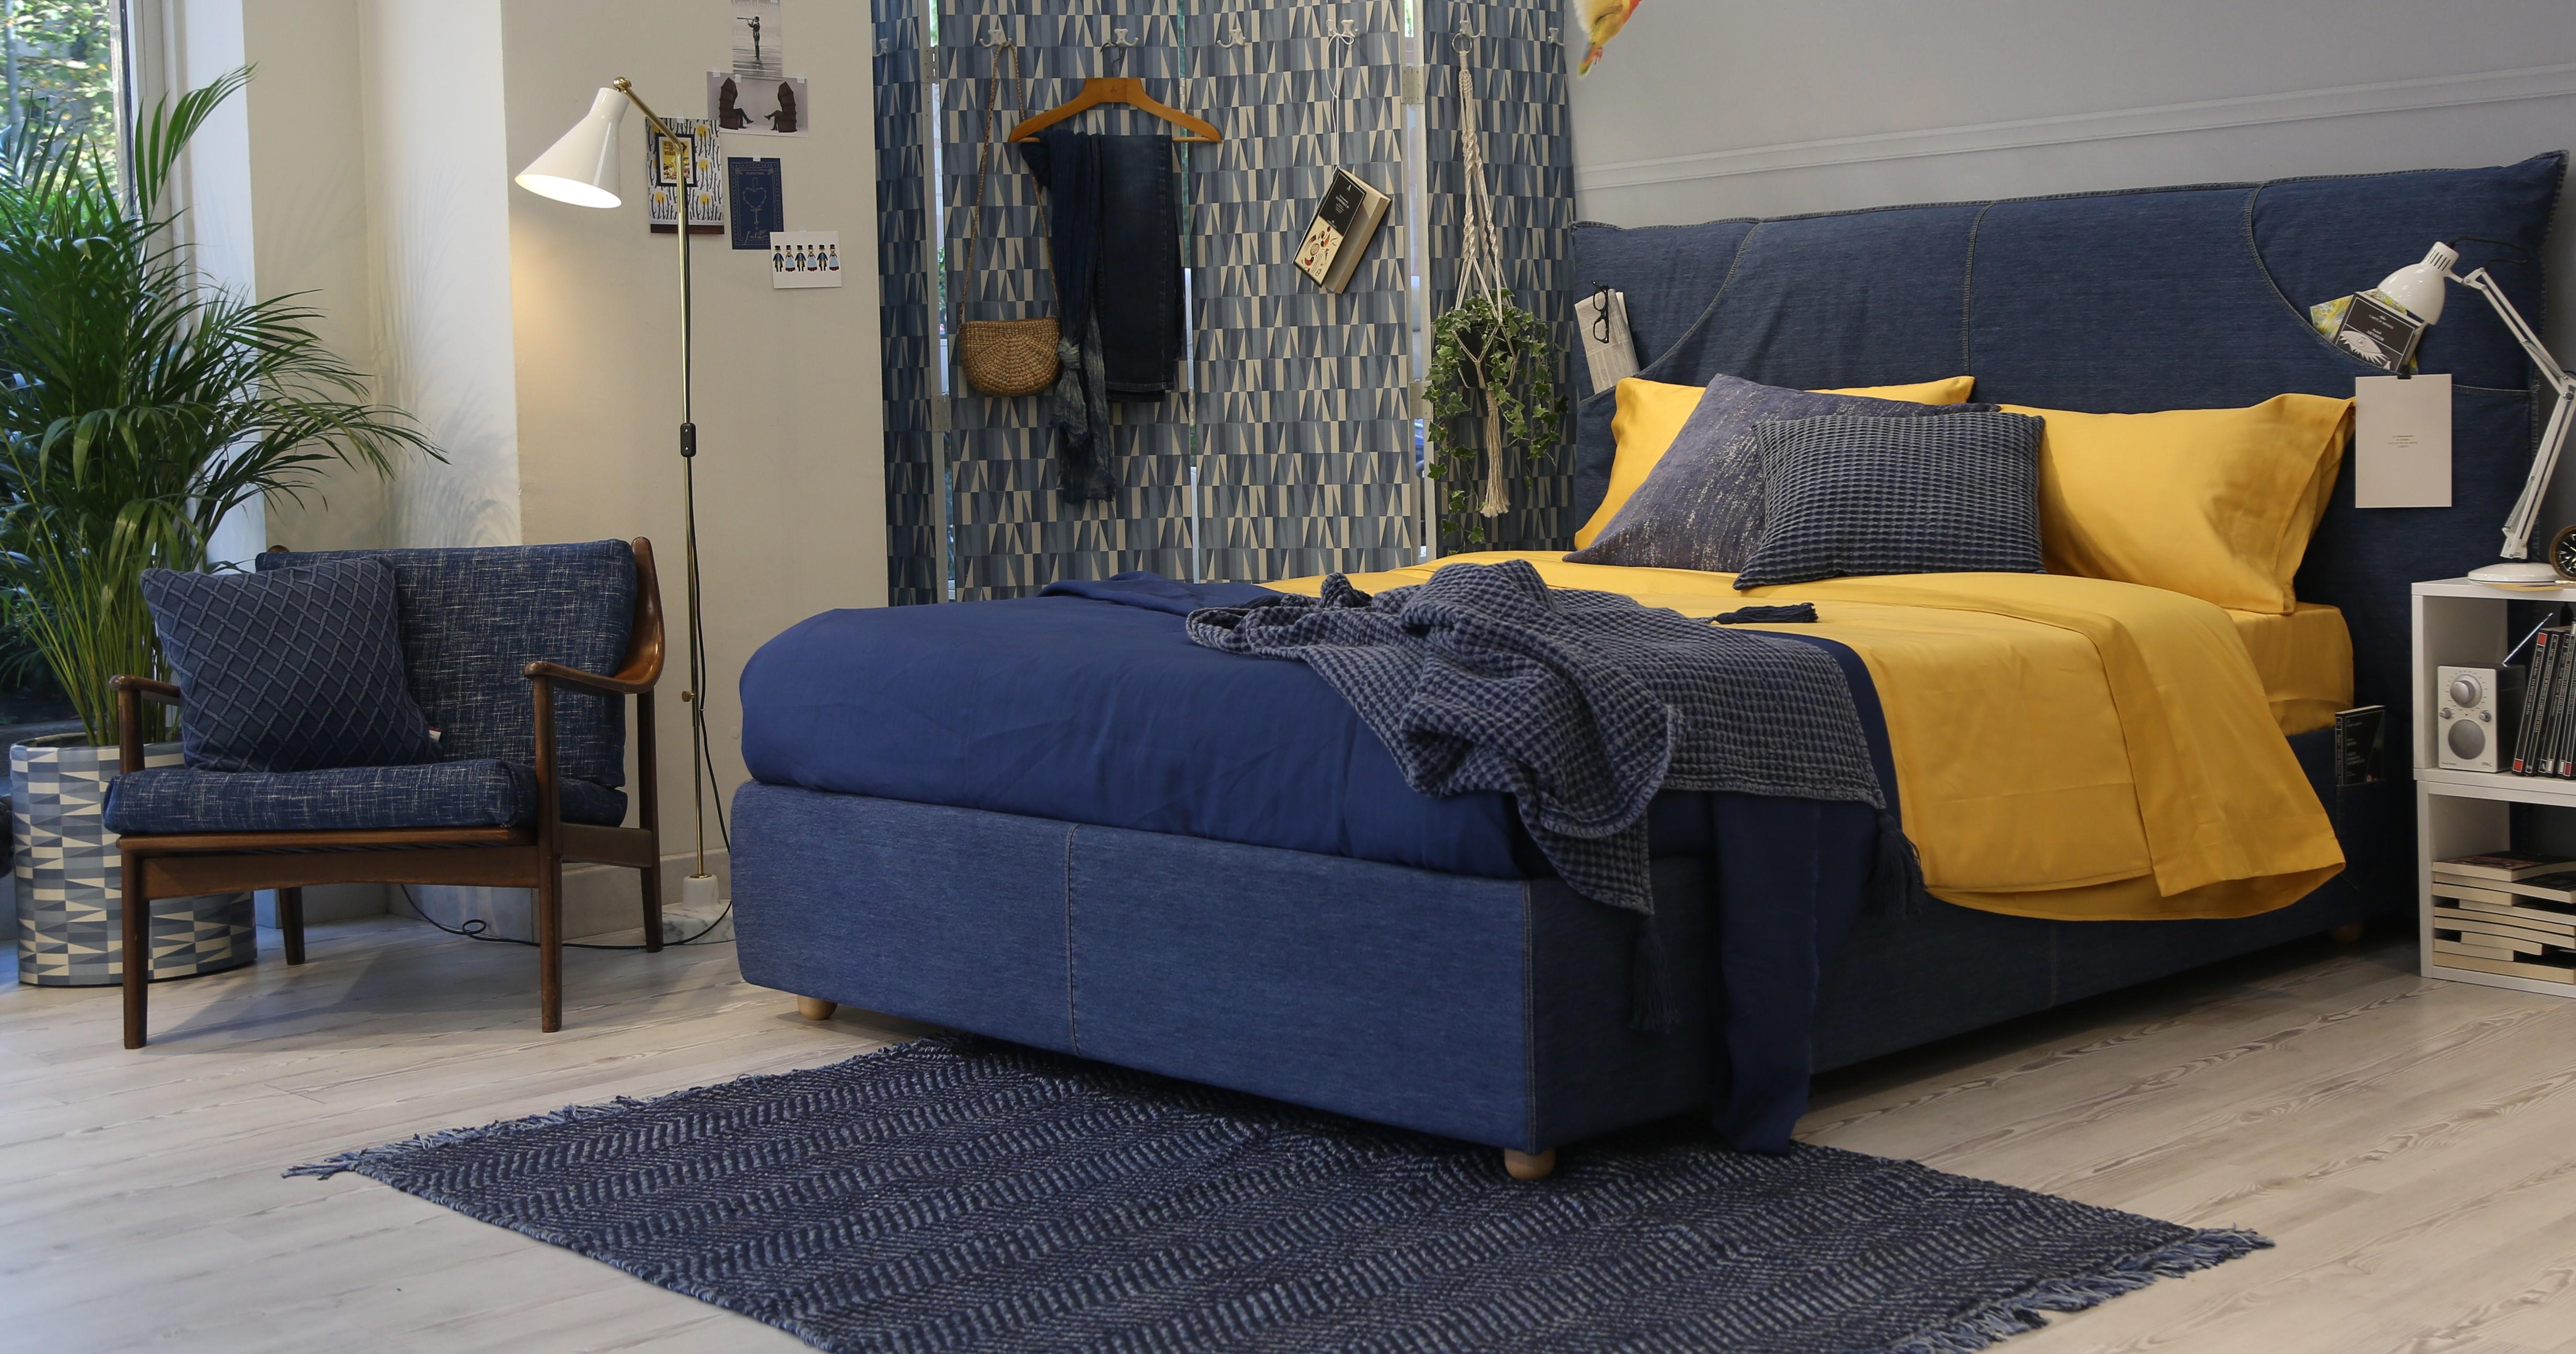 Stile urban: decorare la camera da letto con un letto in denim